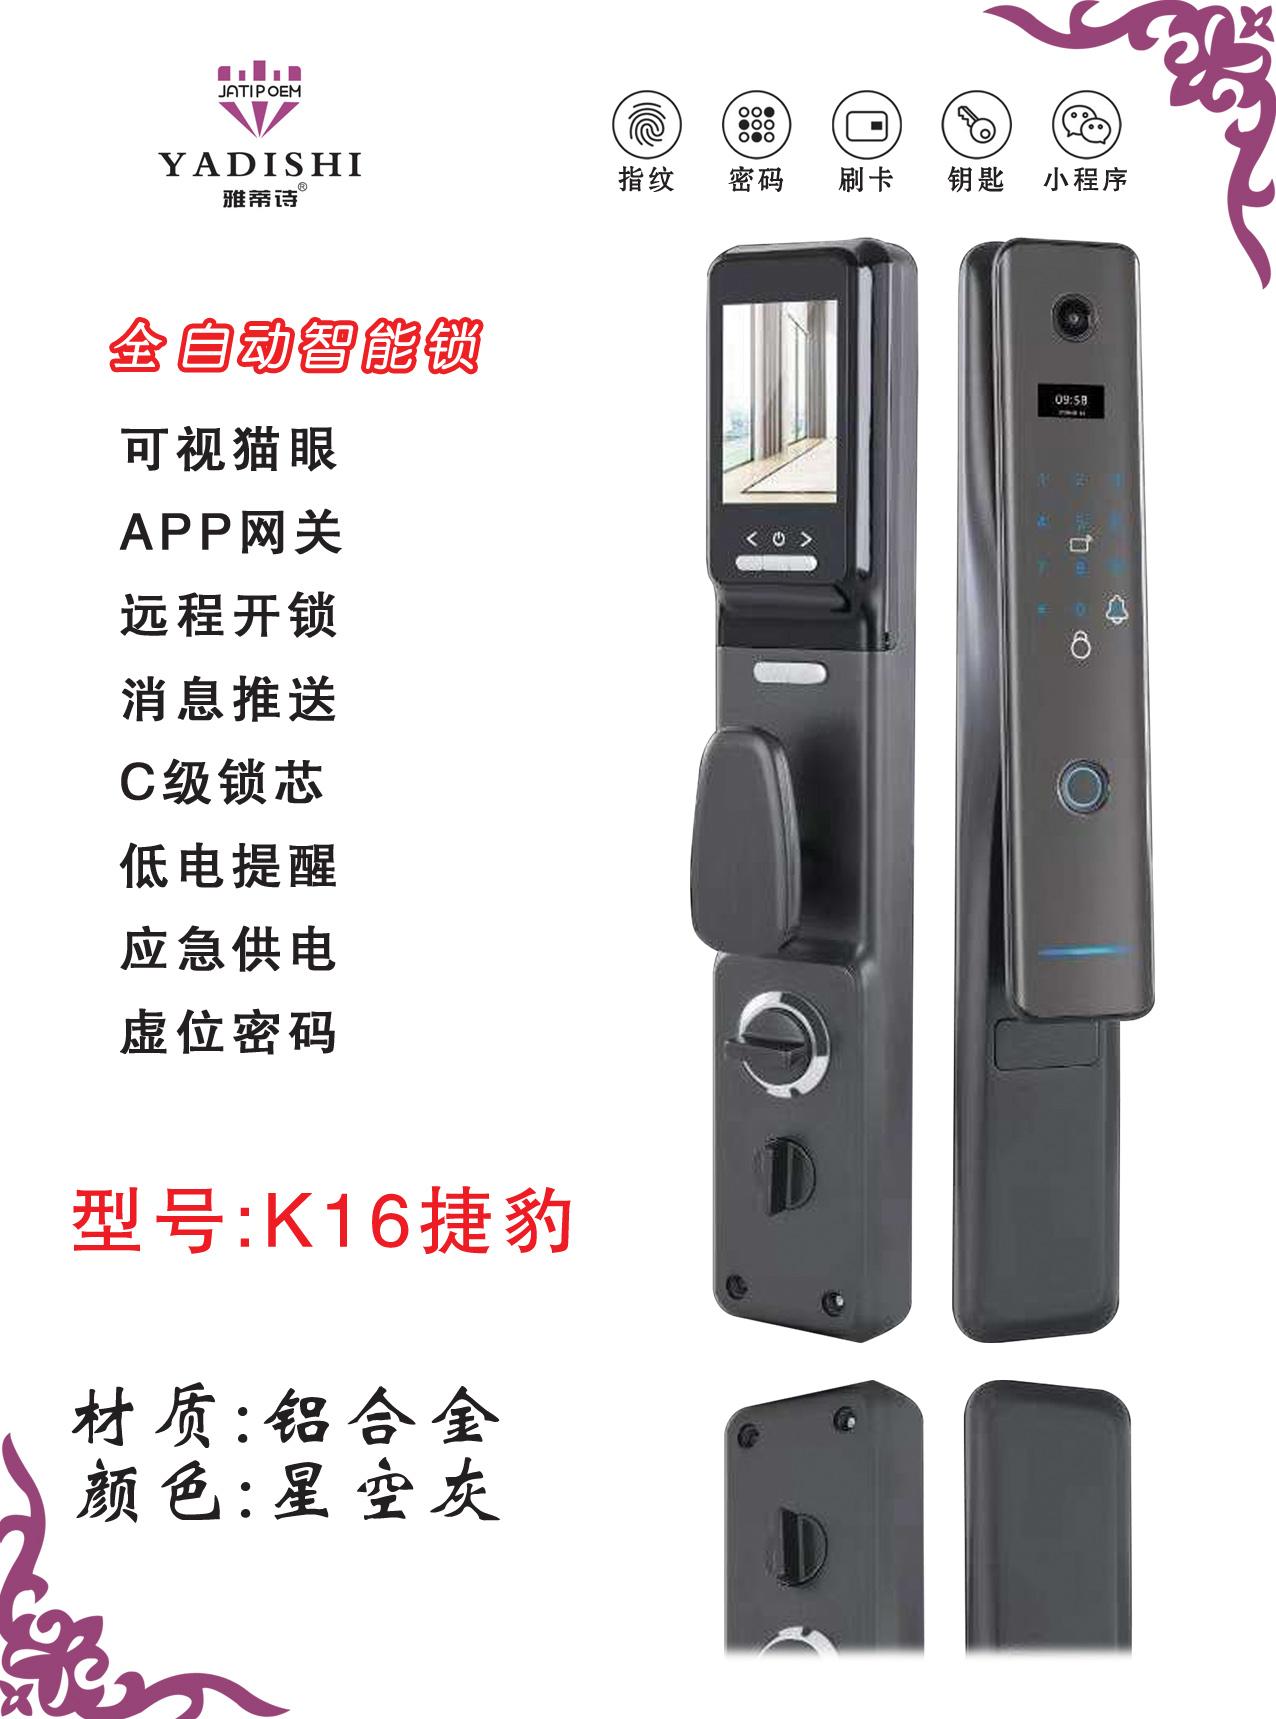 【全自动智能锁K16】